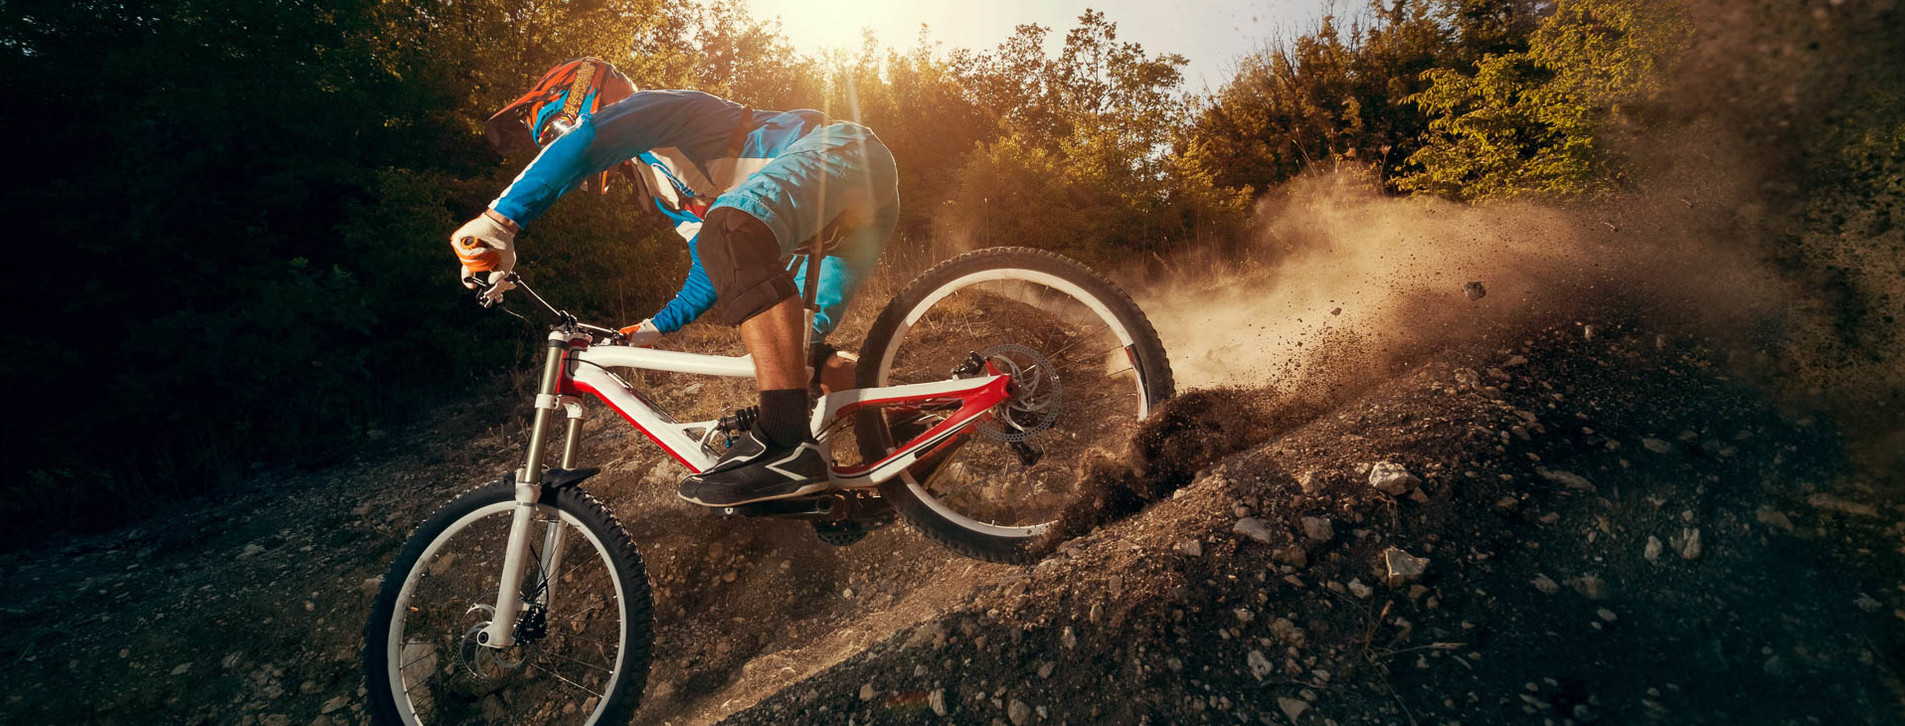 Фото 1 - Урок экстремального велодрайва